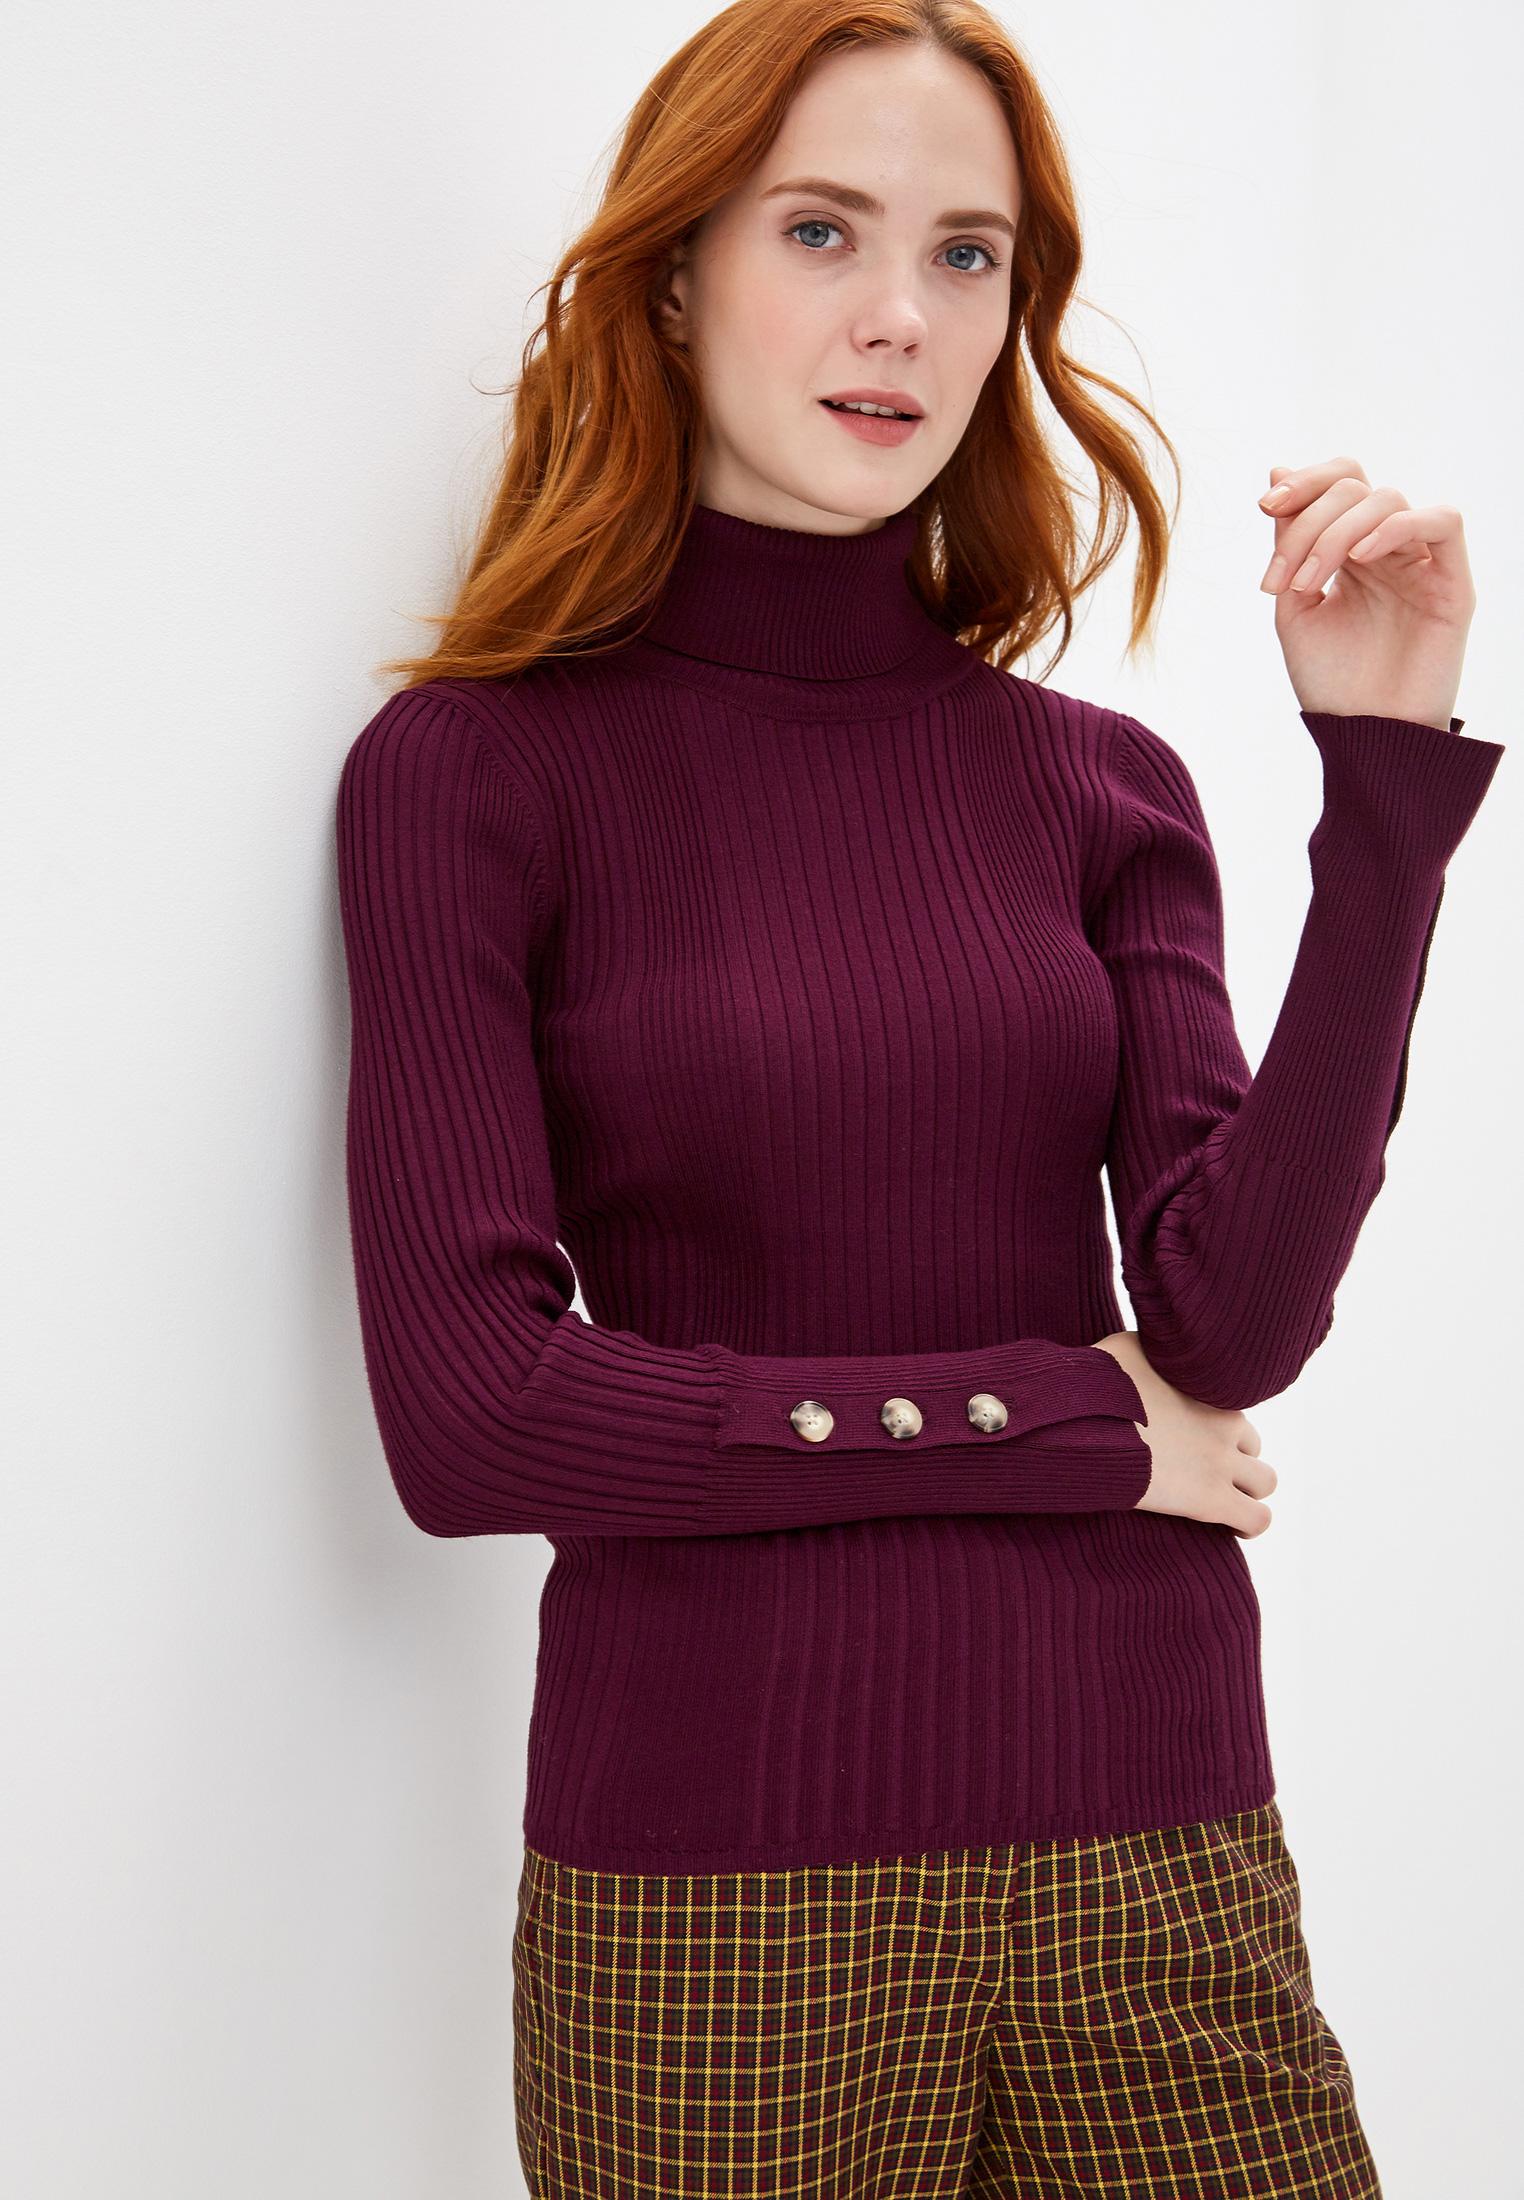 Водолазка, Sela, цвет: фиолетовый. Артикул: SE001EWGALI6. Одежда / Джемперы, свитеры и кардиганы